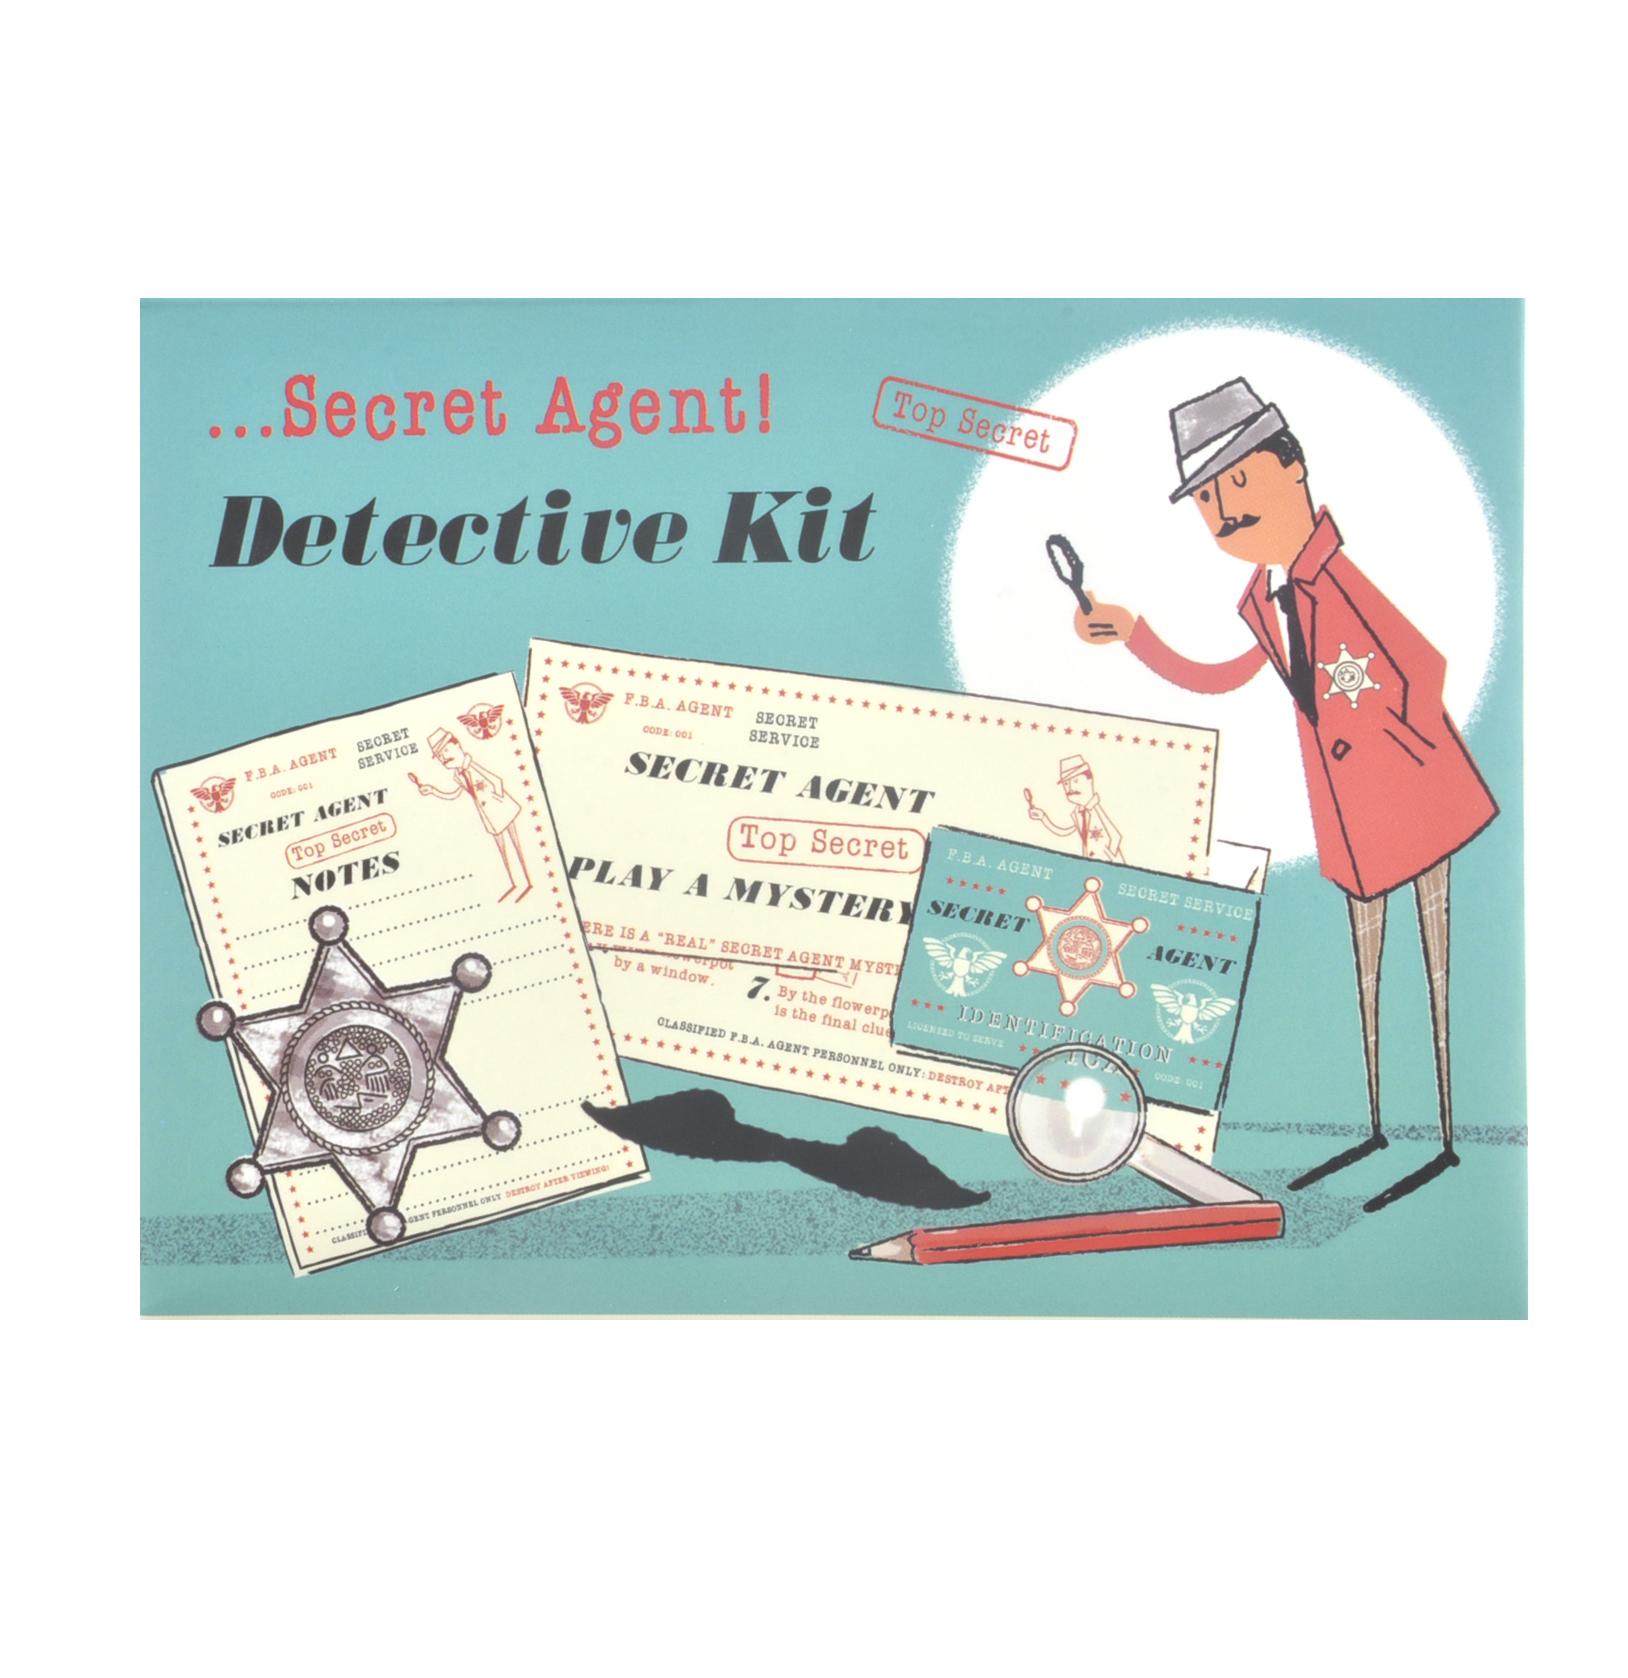 Secret Agent Detective Kit - Top Secret Retro Spy ...